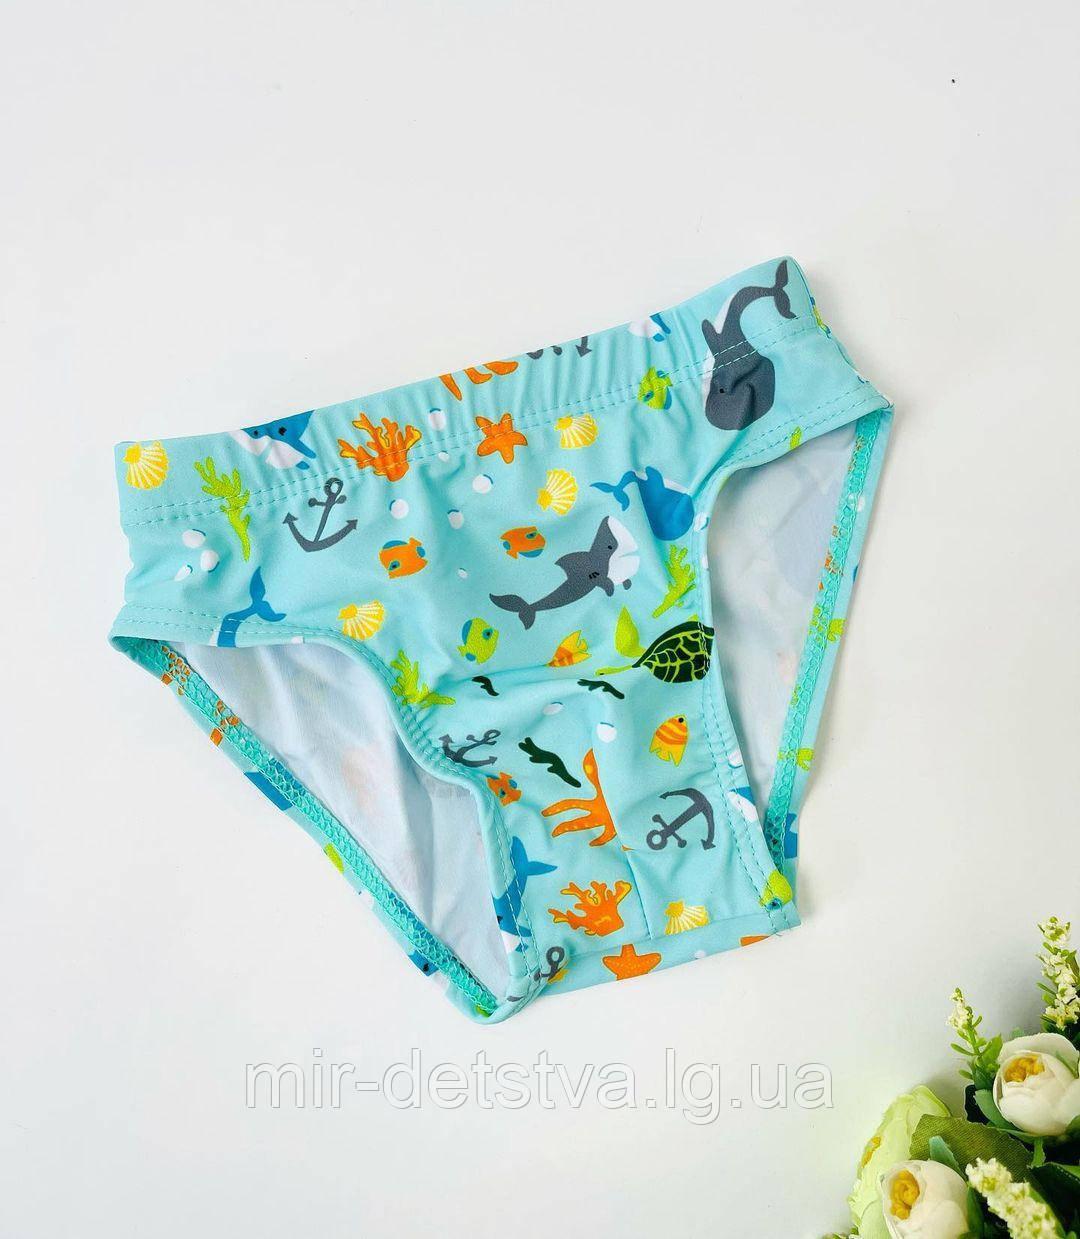 Детские плавки купальные для мальчика оптом р.1-2-3 года (3 шт в ростовке)